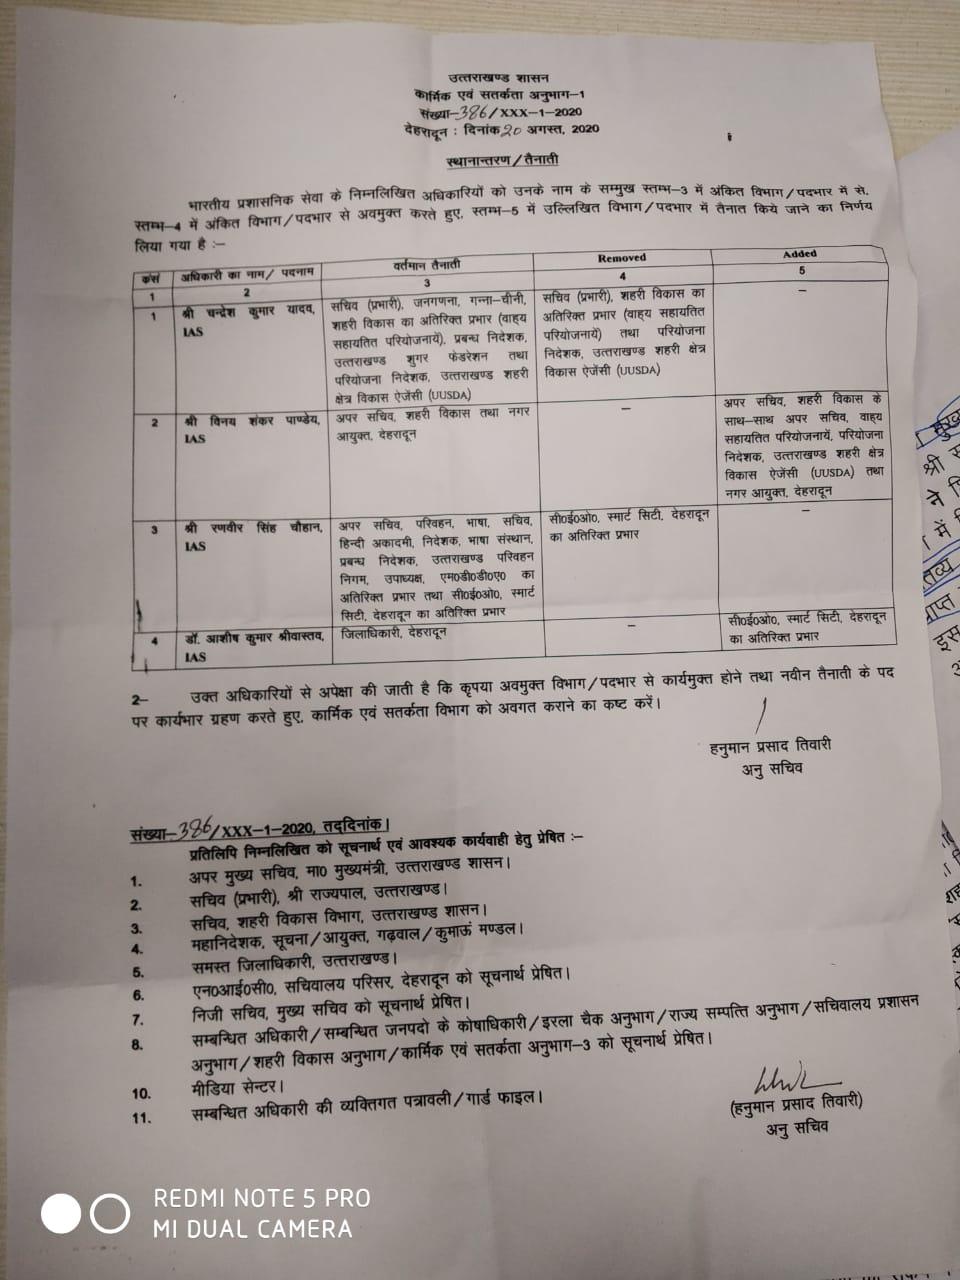 IAS अधिकारियों के पदों में फेरबदल 2